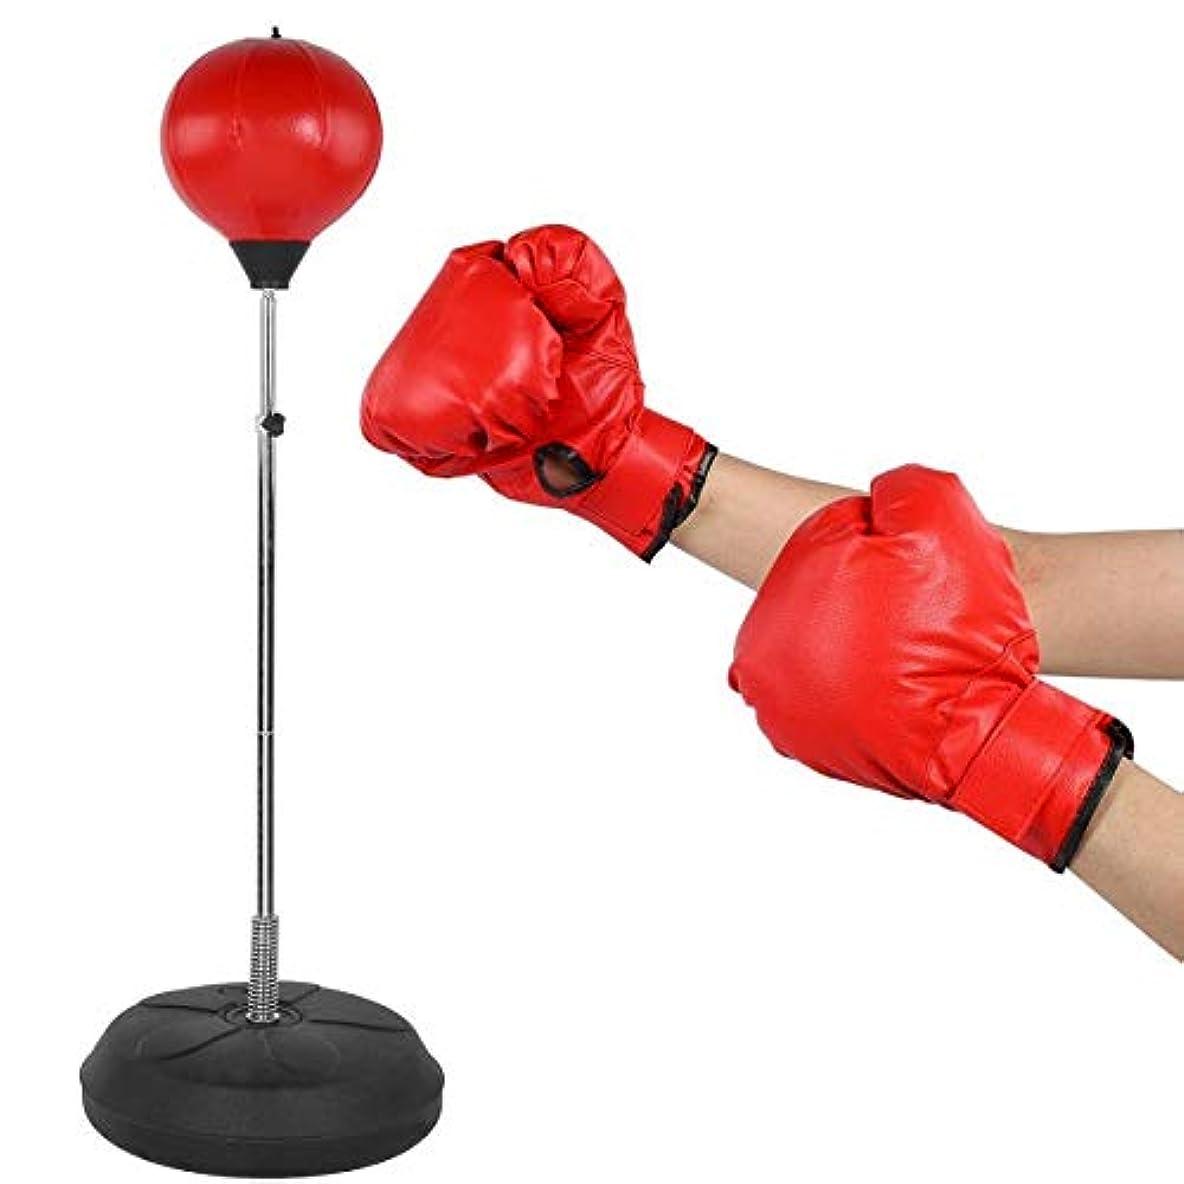 放散する静的導入するCHAOQIANG 大人のボクシングパンチングボール調節可能な垂直ボクシングのスピードボールタンブラーターゲット手袋と戦っ砂袋タンブラーをリラックス,フィットネス機器